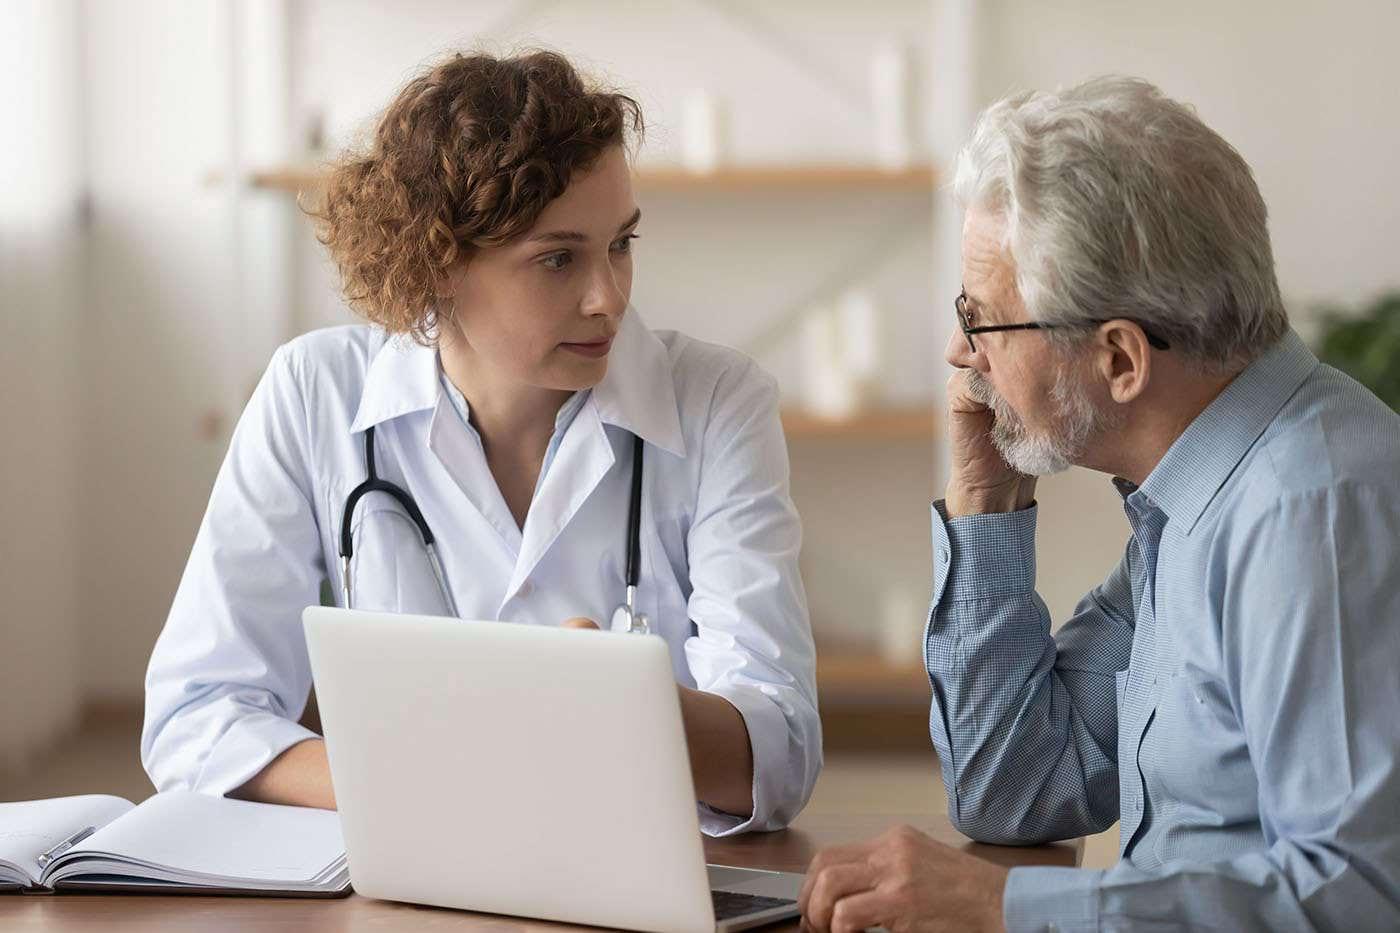 Prediabetul și sănătatea creierului: cum sunt conectate?